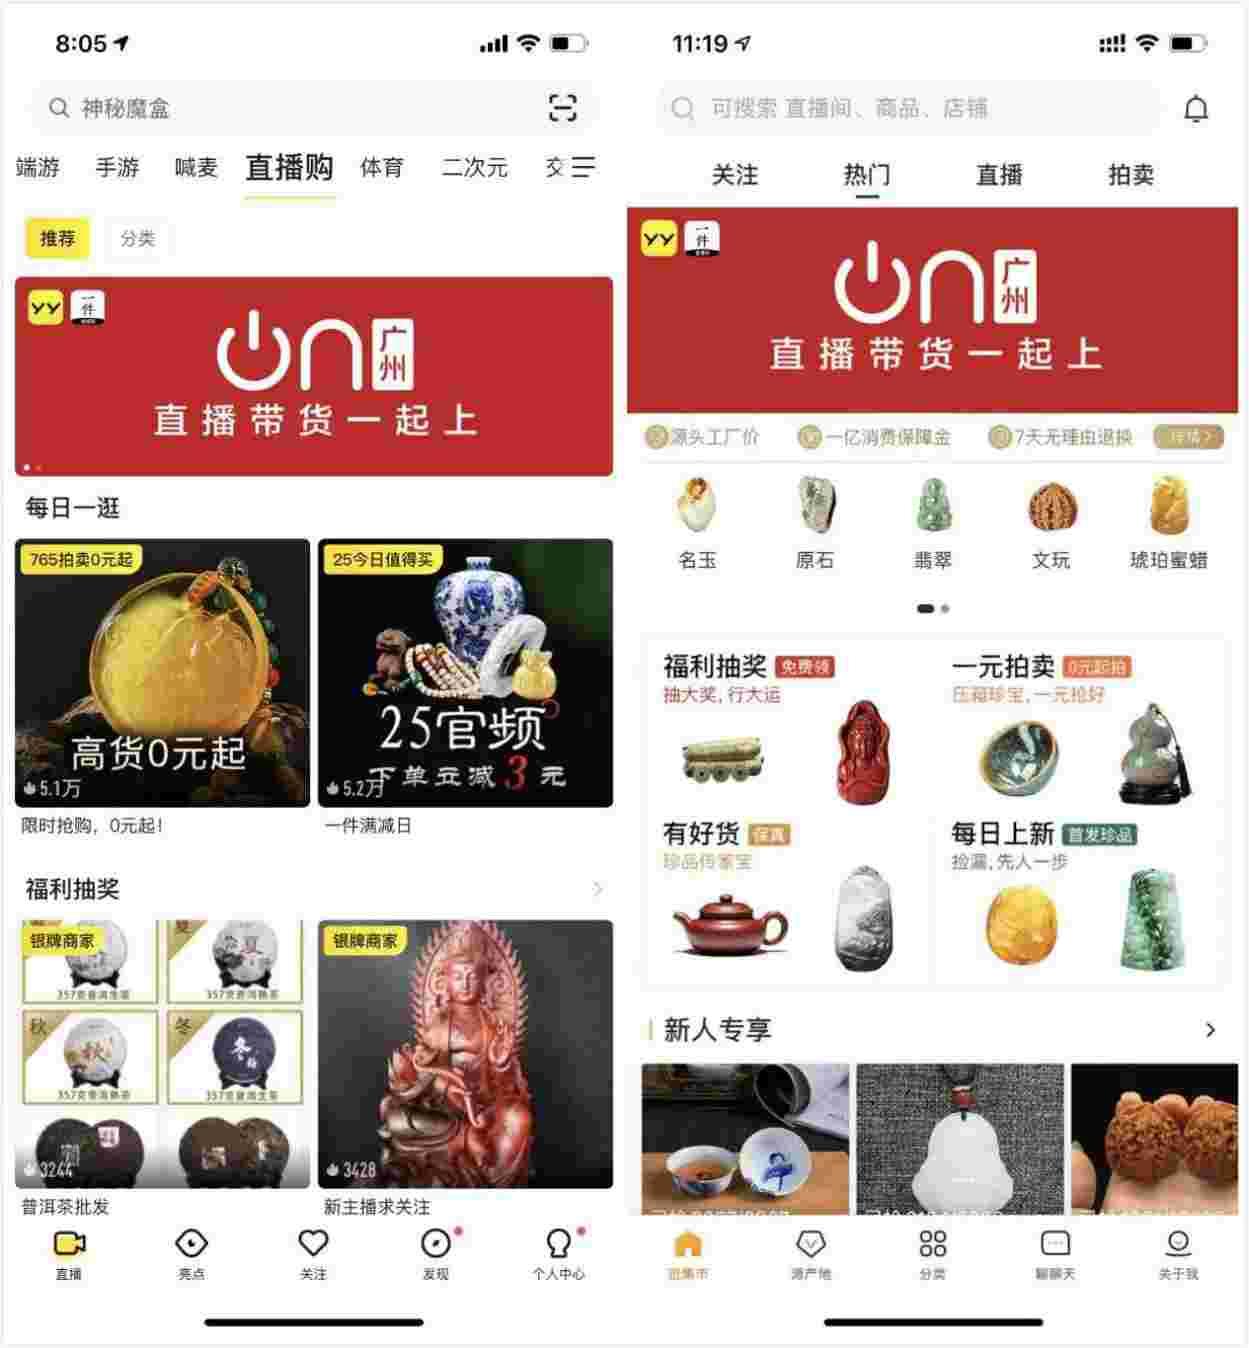 广州市商务局打造直播带货年,YY一件助力商家私域带货转型